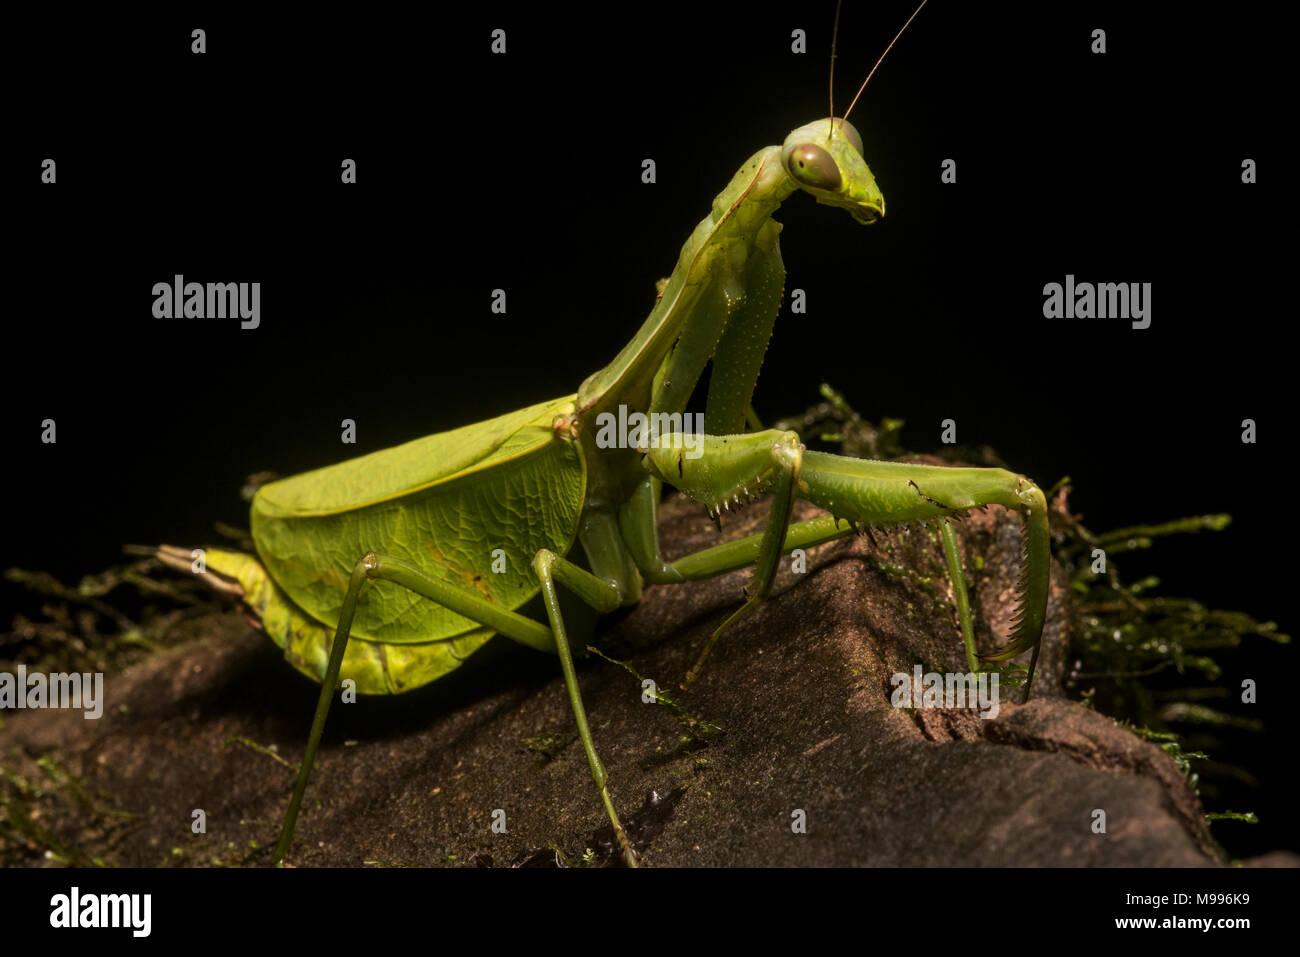 Une énorme femme leaf mantis, une espèce Pseudoxyops, du Pérou. Normalement, il est bien caché entre les feuilles mais il a rampé sur un rocher. Photo Stock